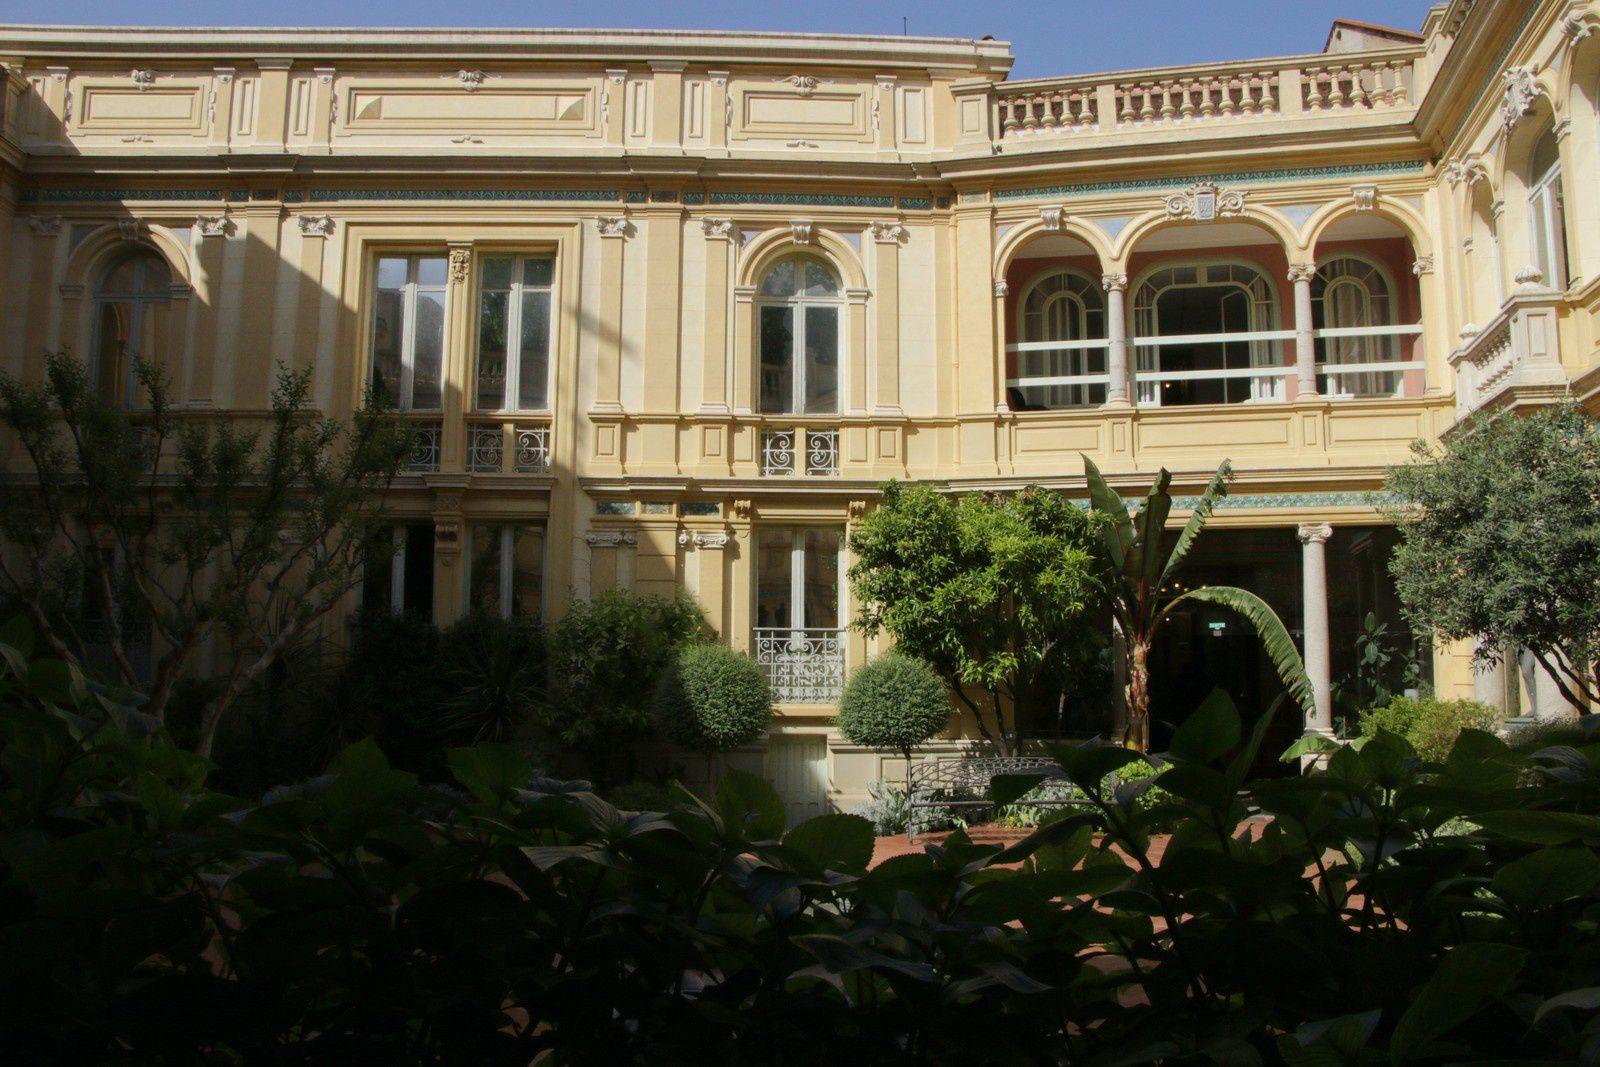 la cour-jardin intérieur